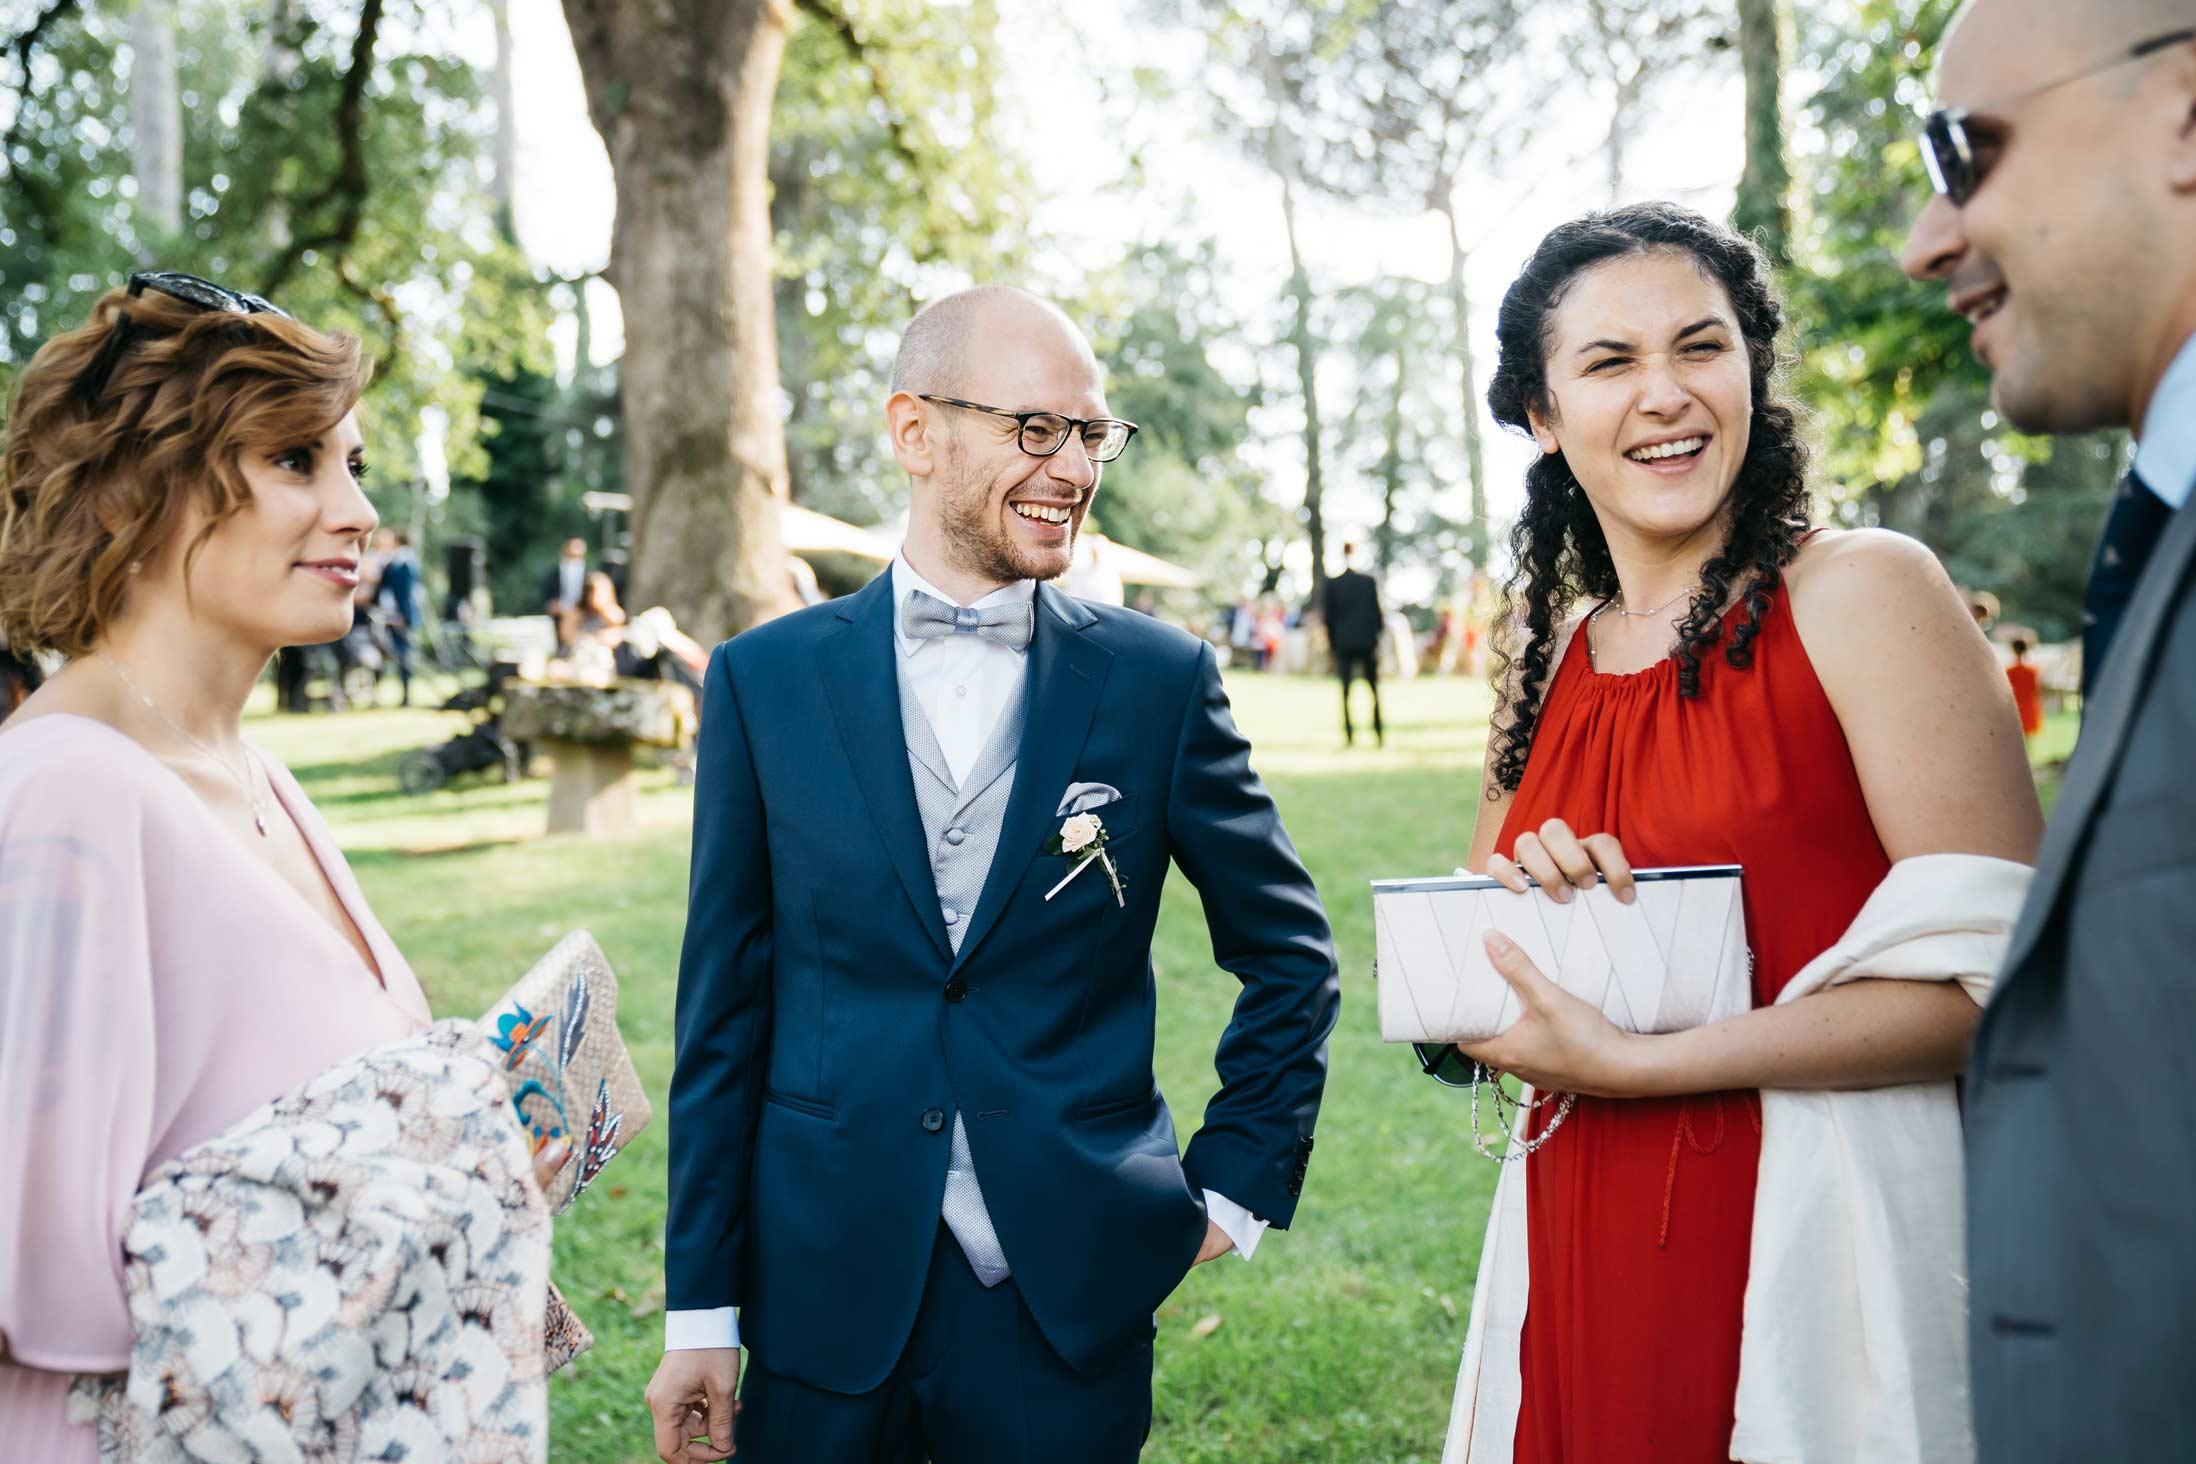 Fotoreportage-Di-Matrimonio-Fotografi-Matrimonio--L&F